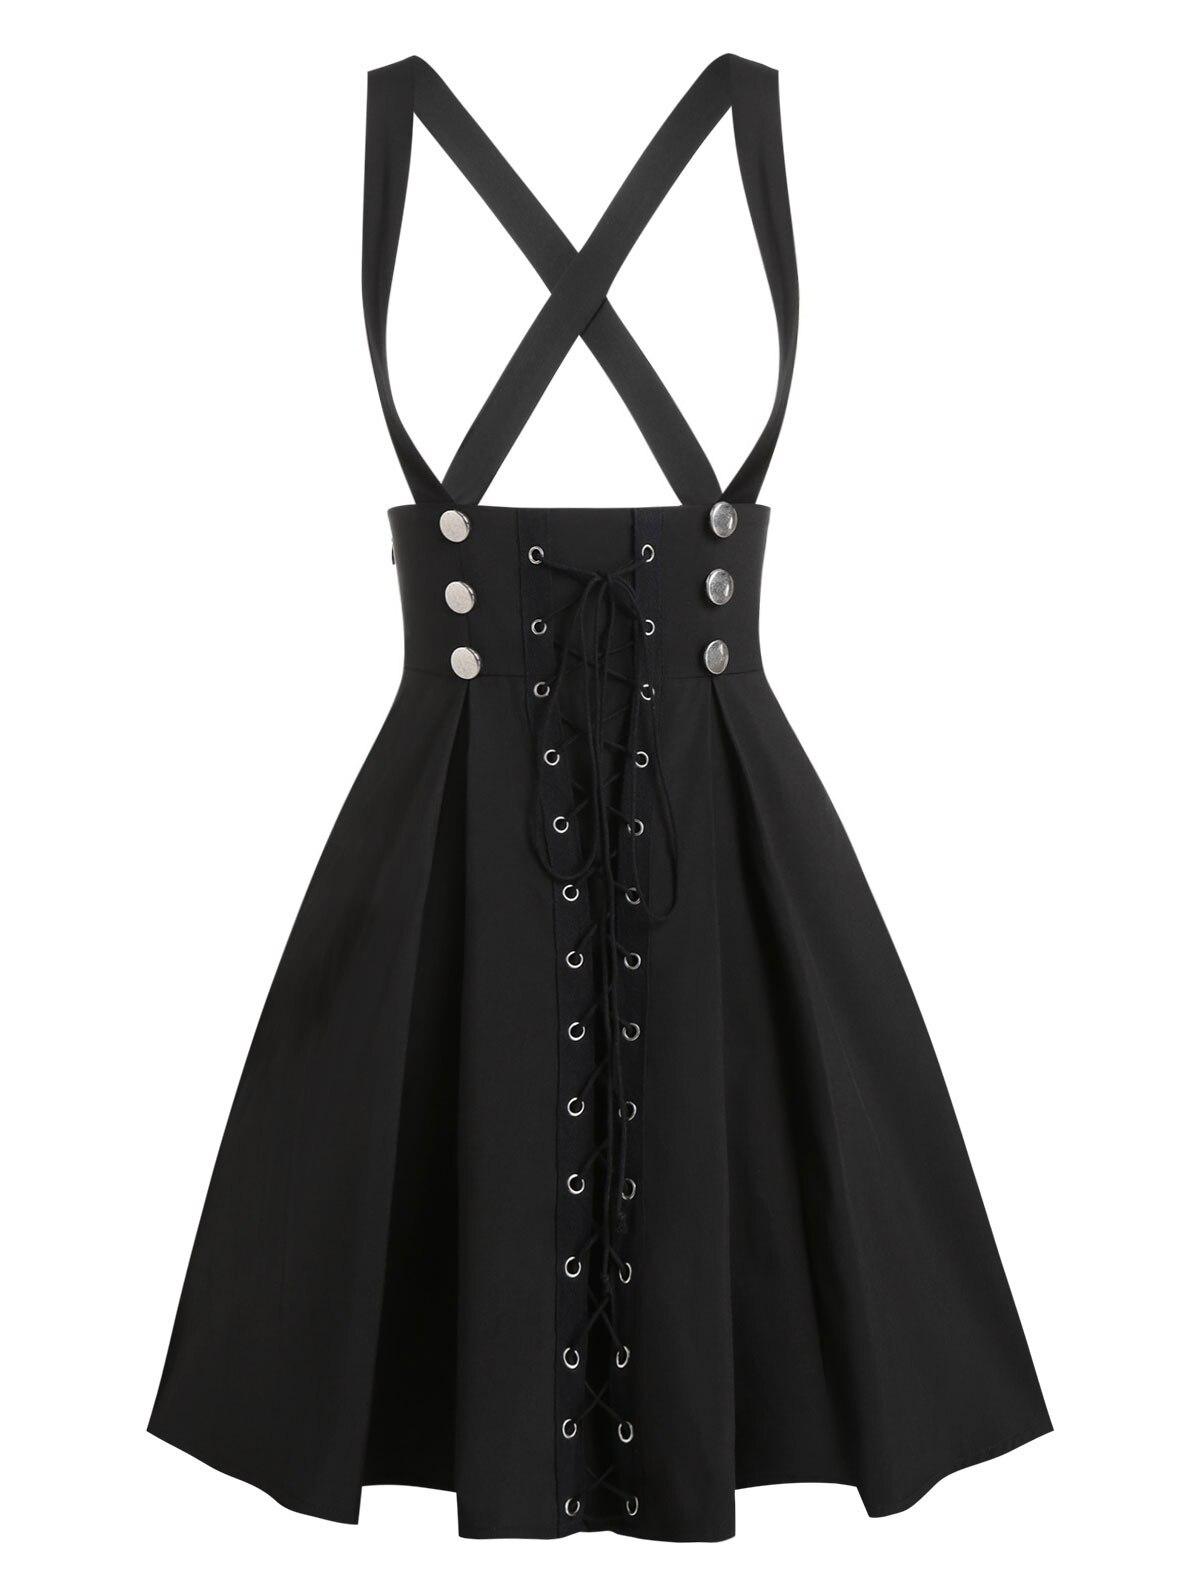 Wipalo Plus rozmiar 3XL czarna spódnica na co dzień gotycka Streetwear damska koronkowa z wiązaniem, zapinana na guziki spódnica z linii dwurzędowa Mini jednolita spódnica